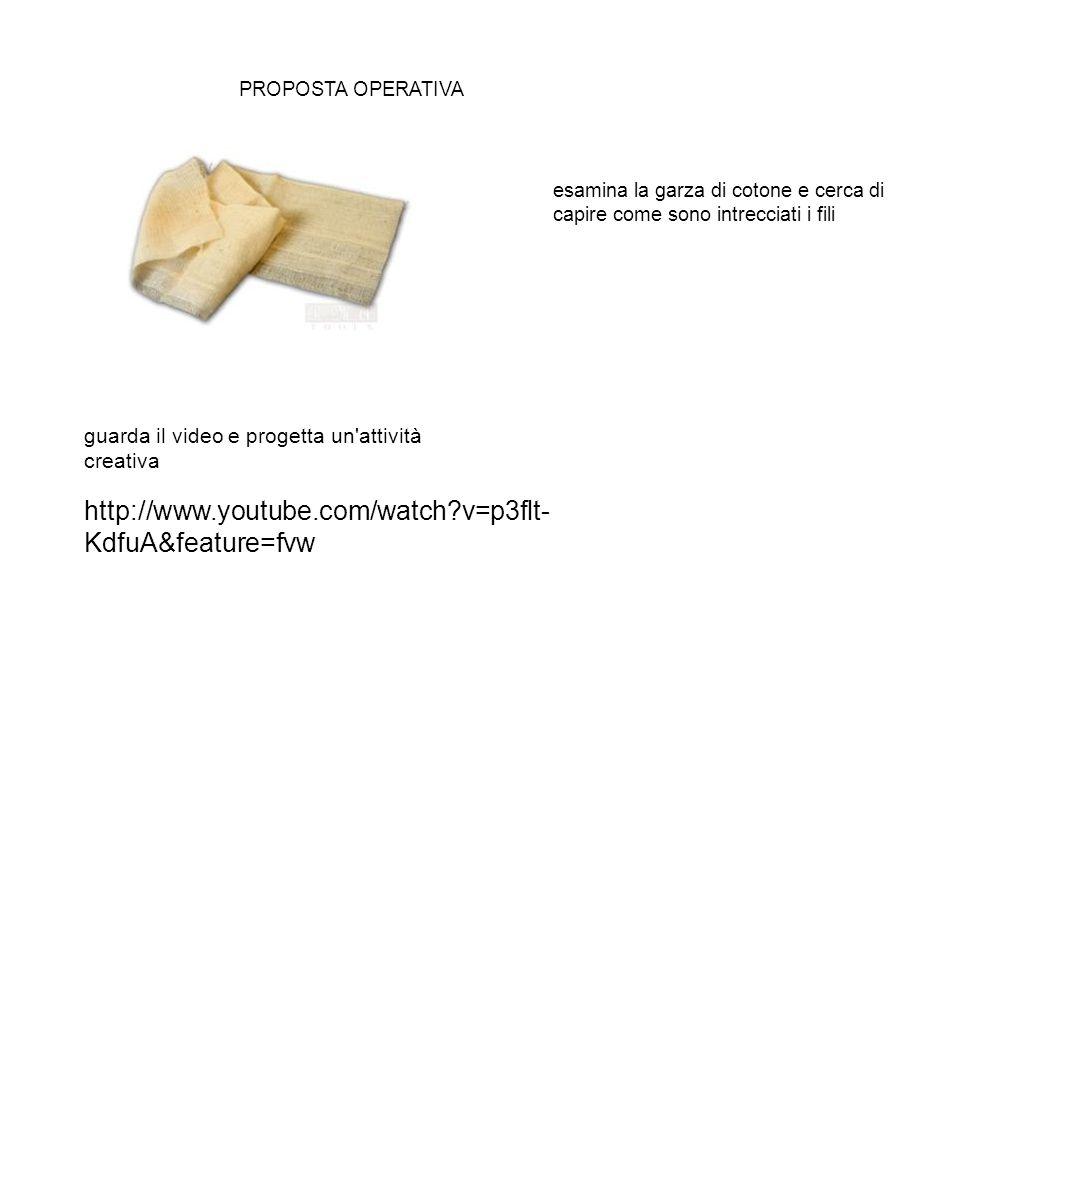 http://www.youtube.com/watch?v=p3flt- KdfuA&feature=fvw PROPOSTA OPERATIVA esamina la garza di cotone e cerca di capire come sono intrecciati i fili g